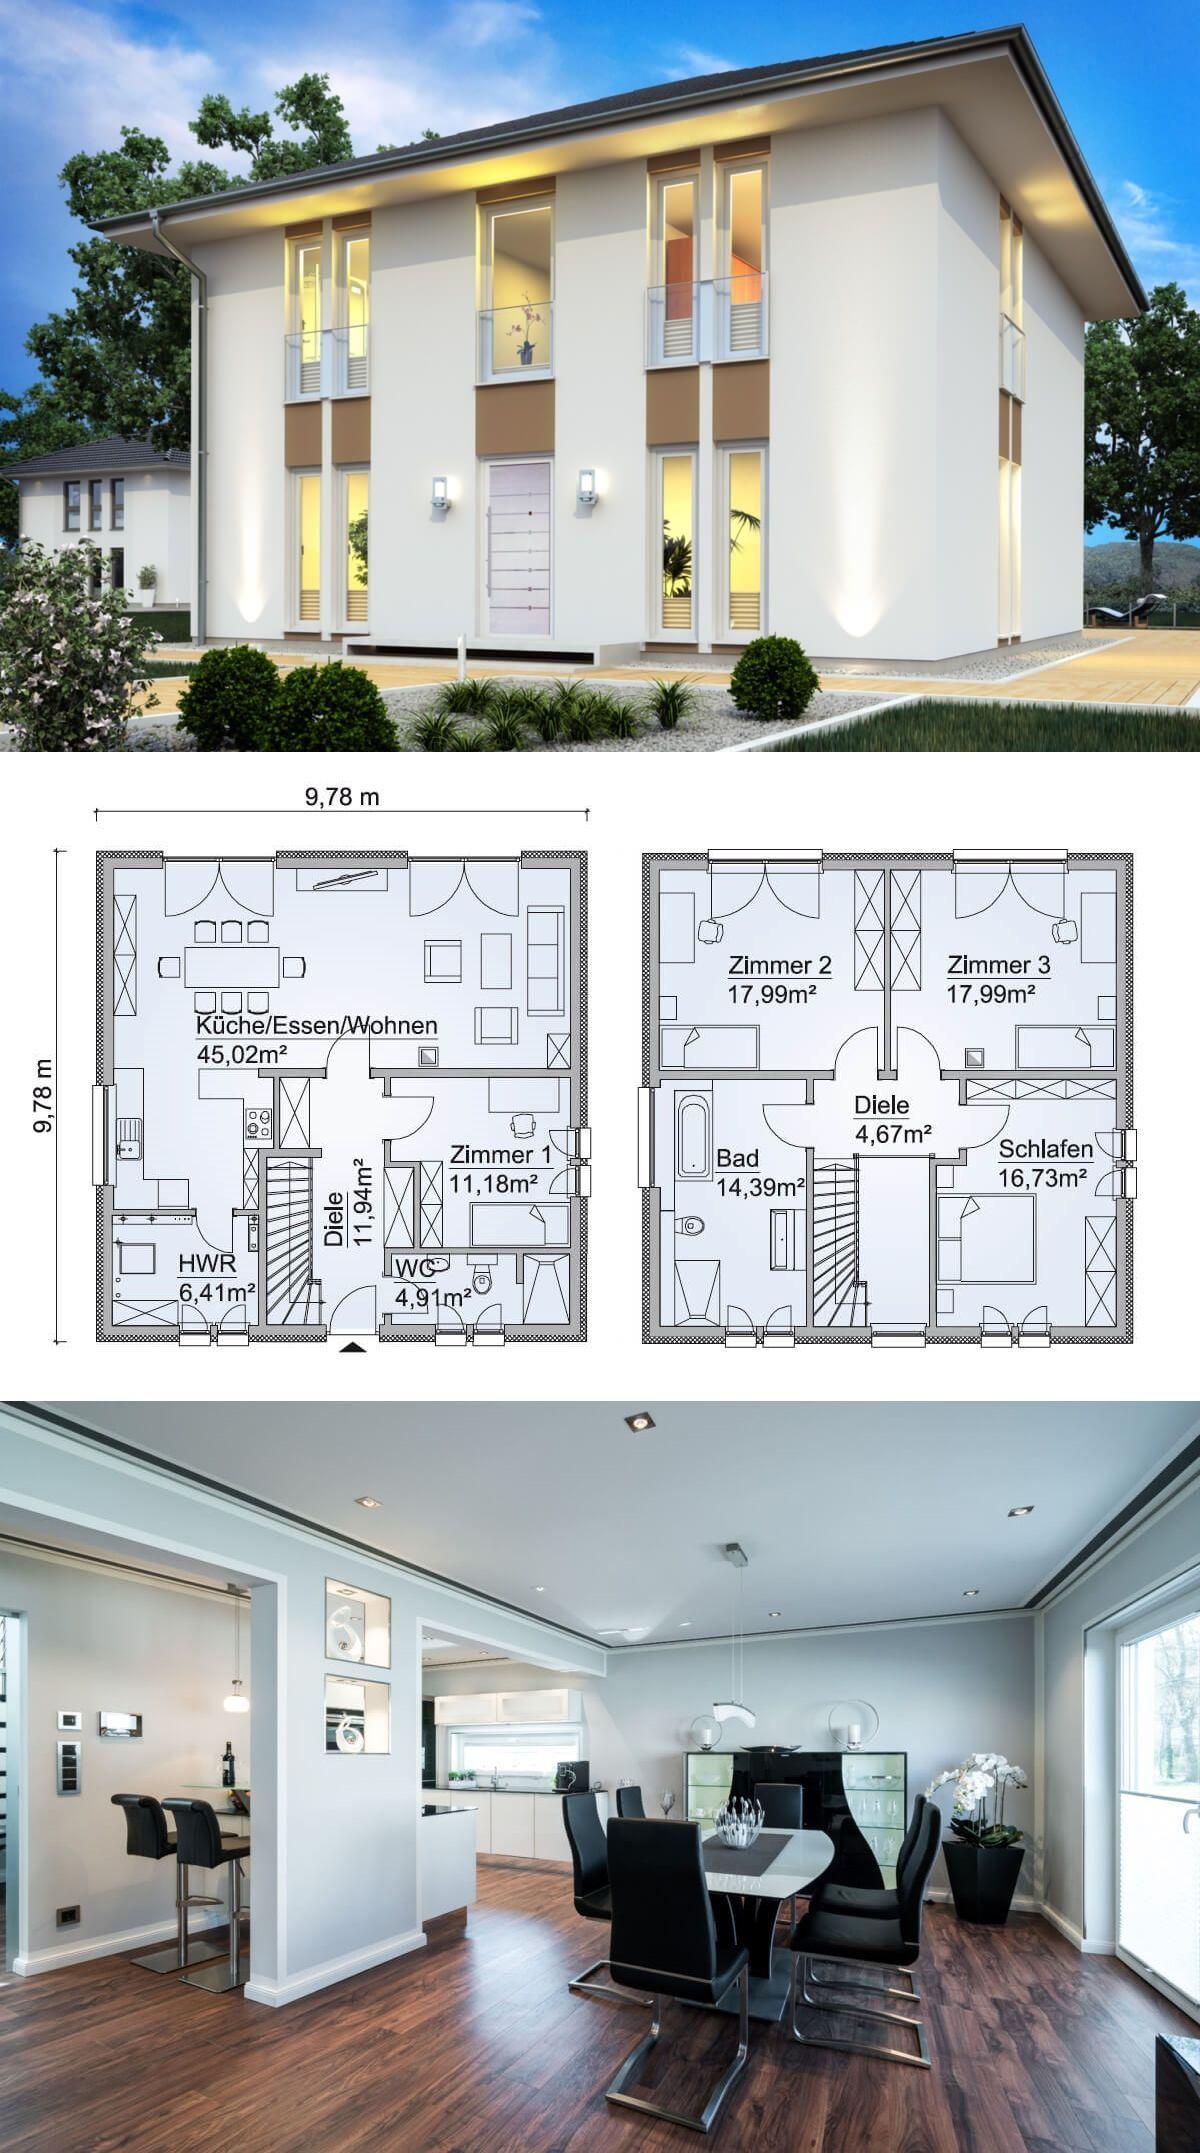 Stadtvilla Neubau modern mit Zeltdach Architektur